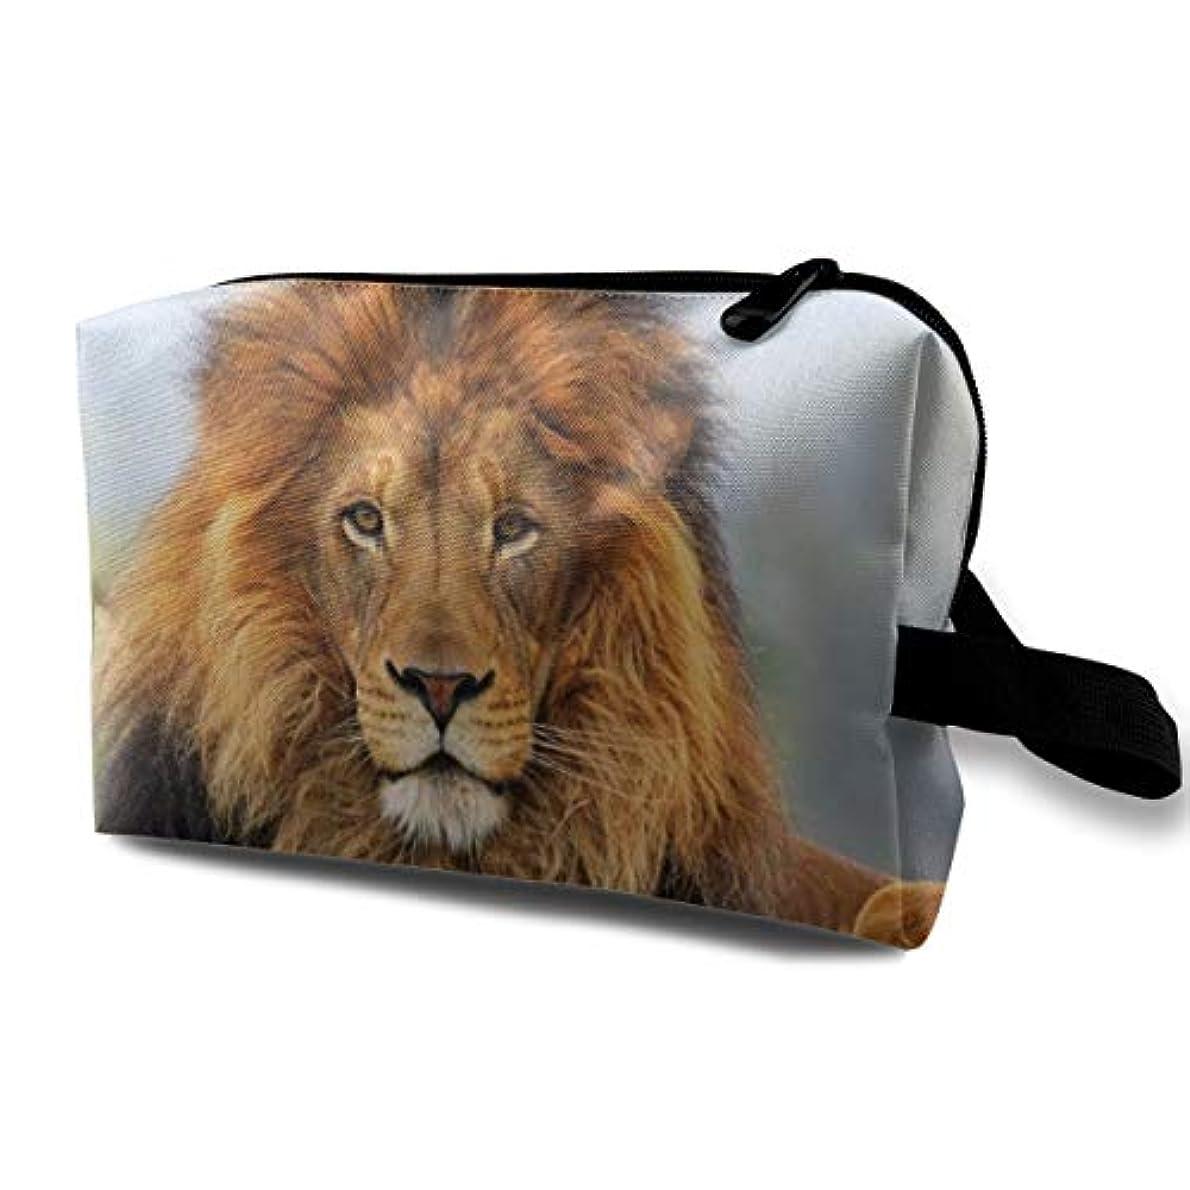 耳頬小麦粉Authentical Lion Head Wild Animl 収納ポーチ 化粧ポーチ 大容量 軽量 耐久性 ハンドル付持ち運び便利。入れ 自宅?出張?旅行?アウトドア撮影などに対応。メンズ レディース トラベルグッズ